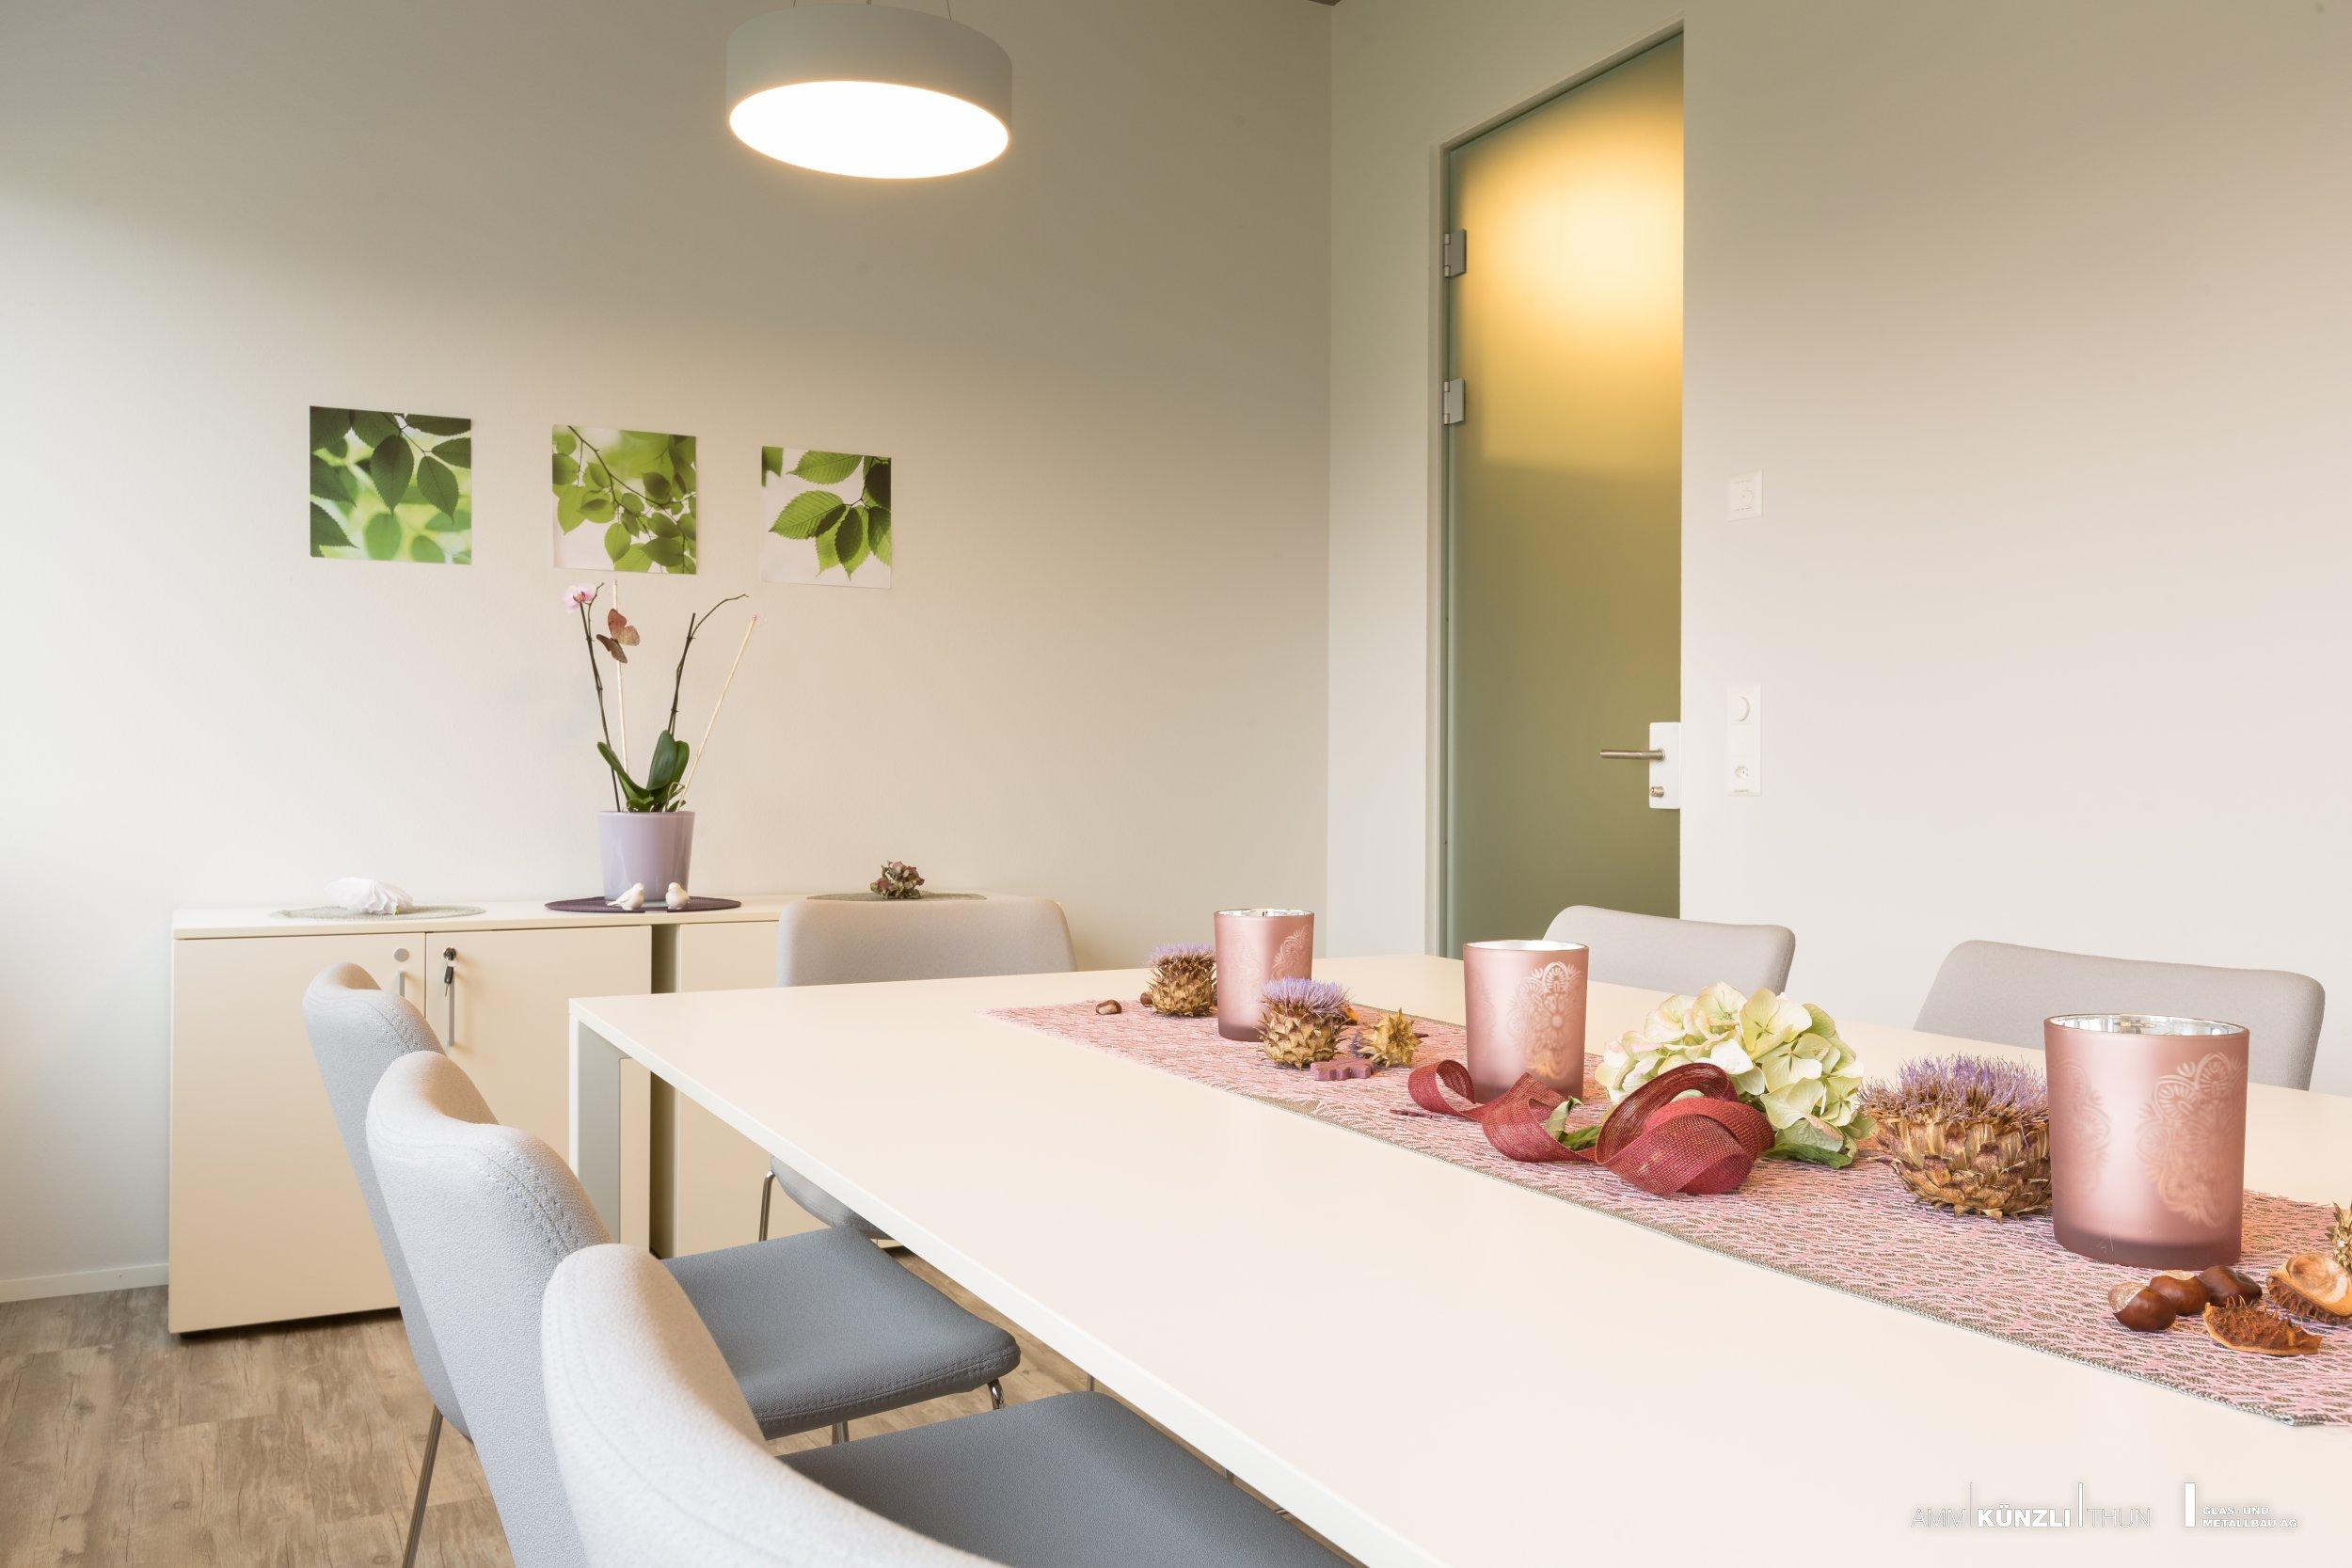 zimmertren mit glas zimmertren innentren haustren einbau montage in in stilvoll haustren preise. Black Bedroom Furniture Sets. Home Design Ideas